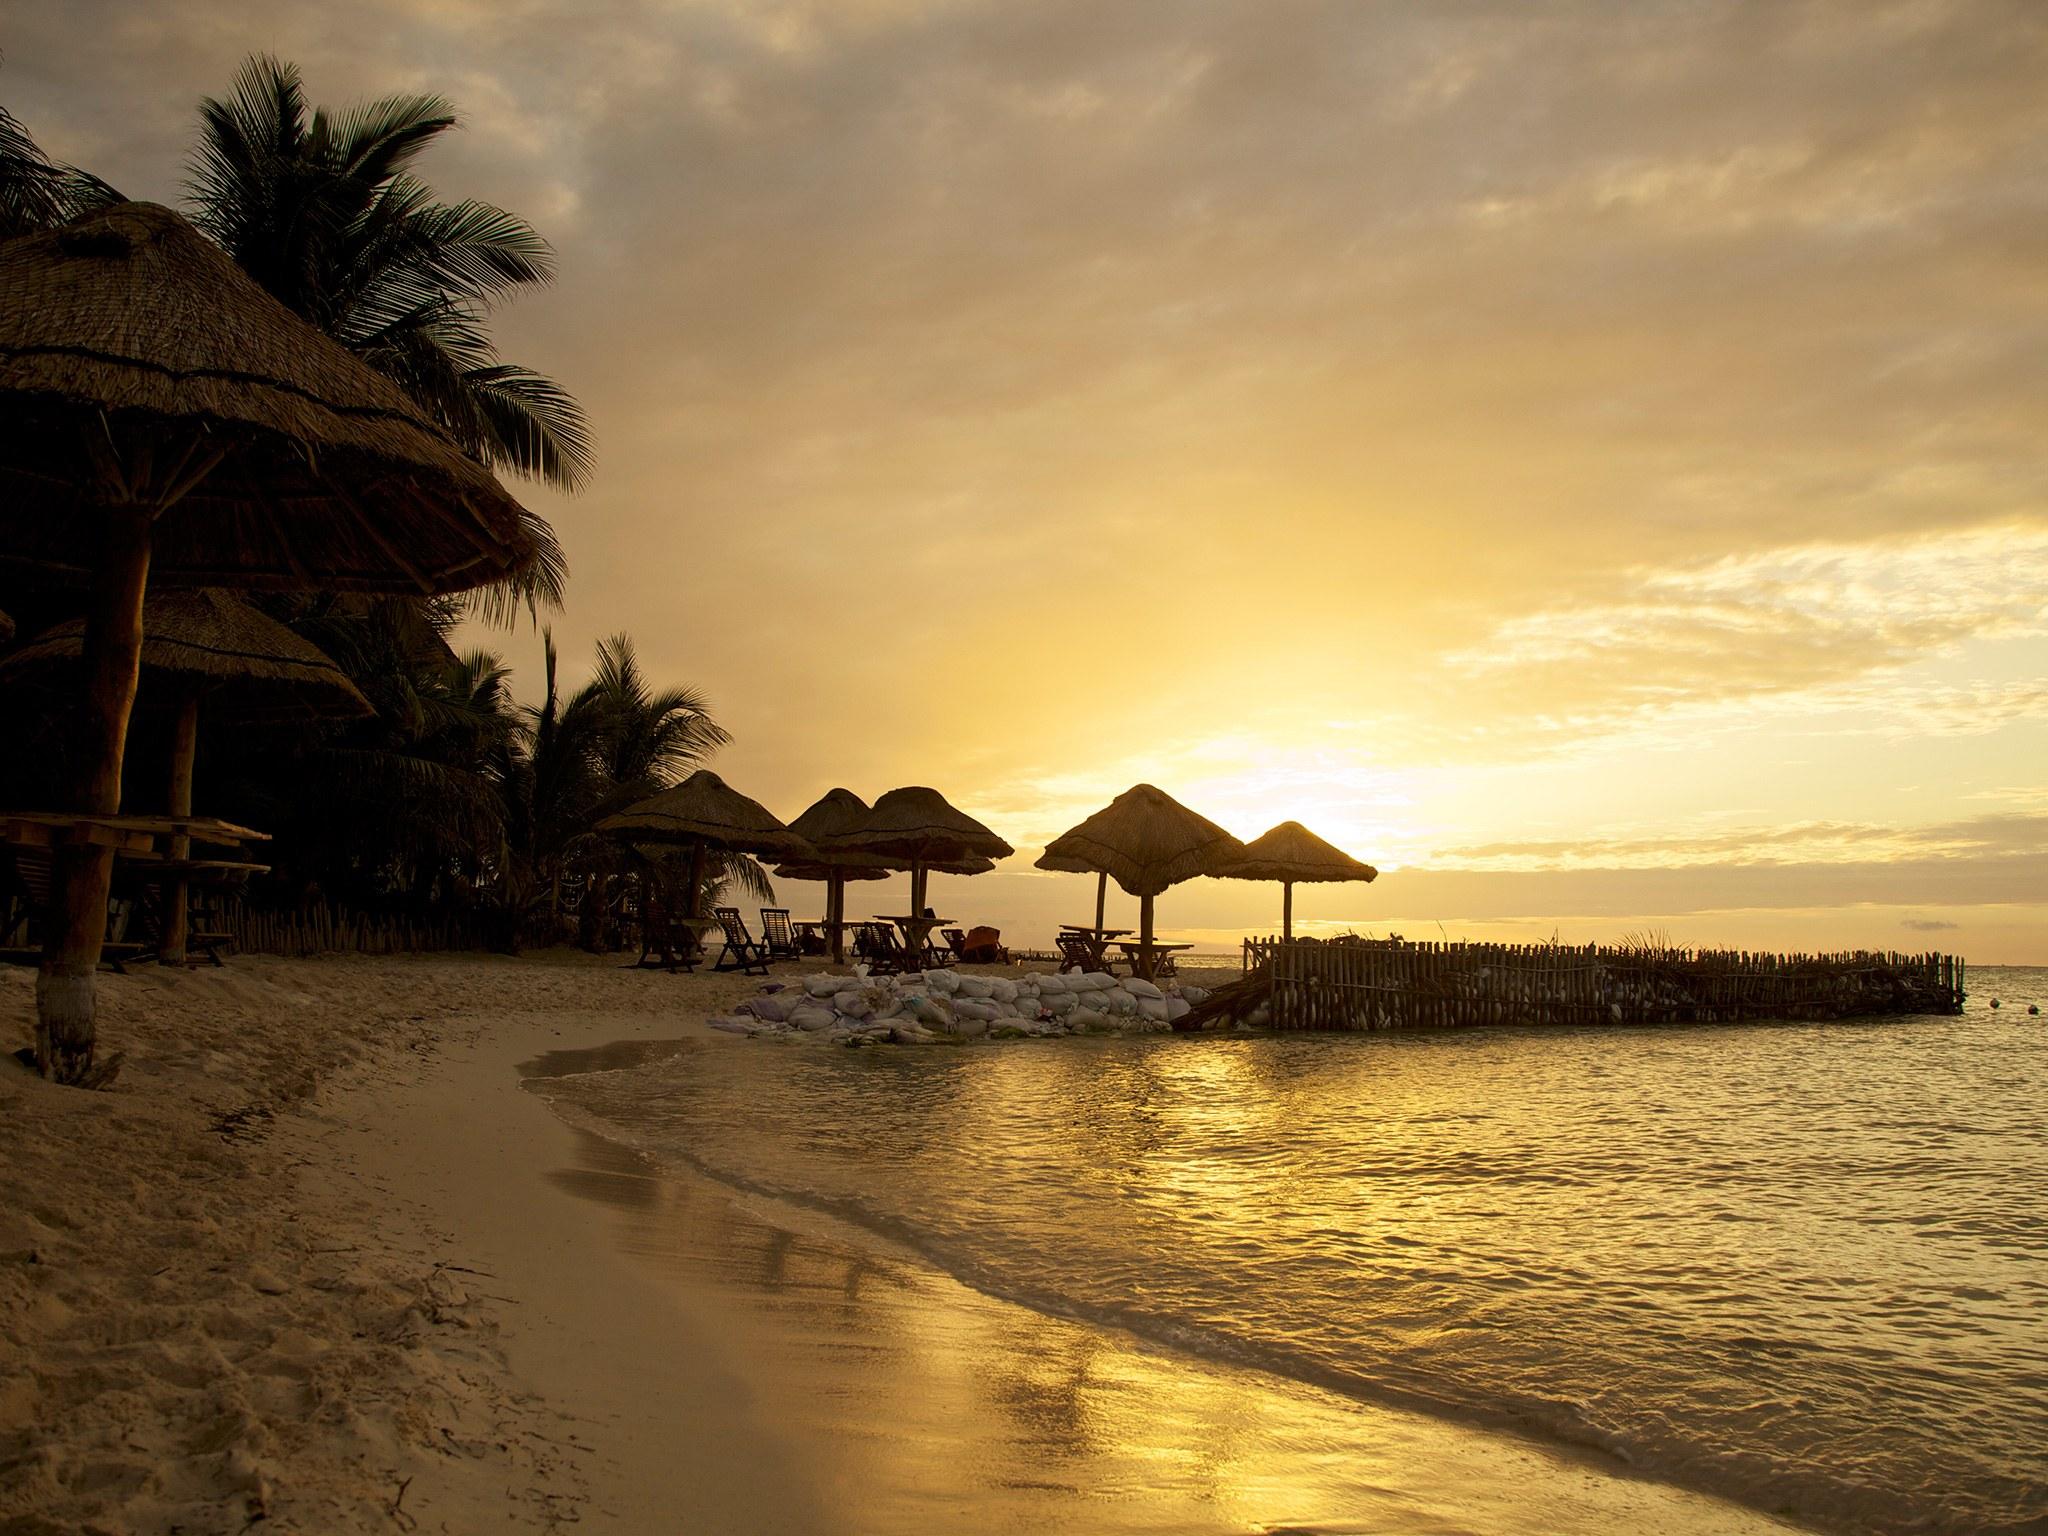 Крутые пляжи Мексики Playa Norte, Исла-Мухерес, полуостров Юкатан